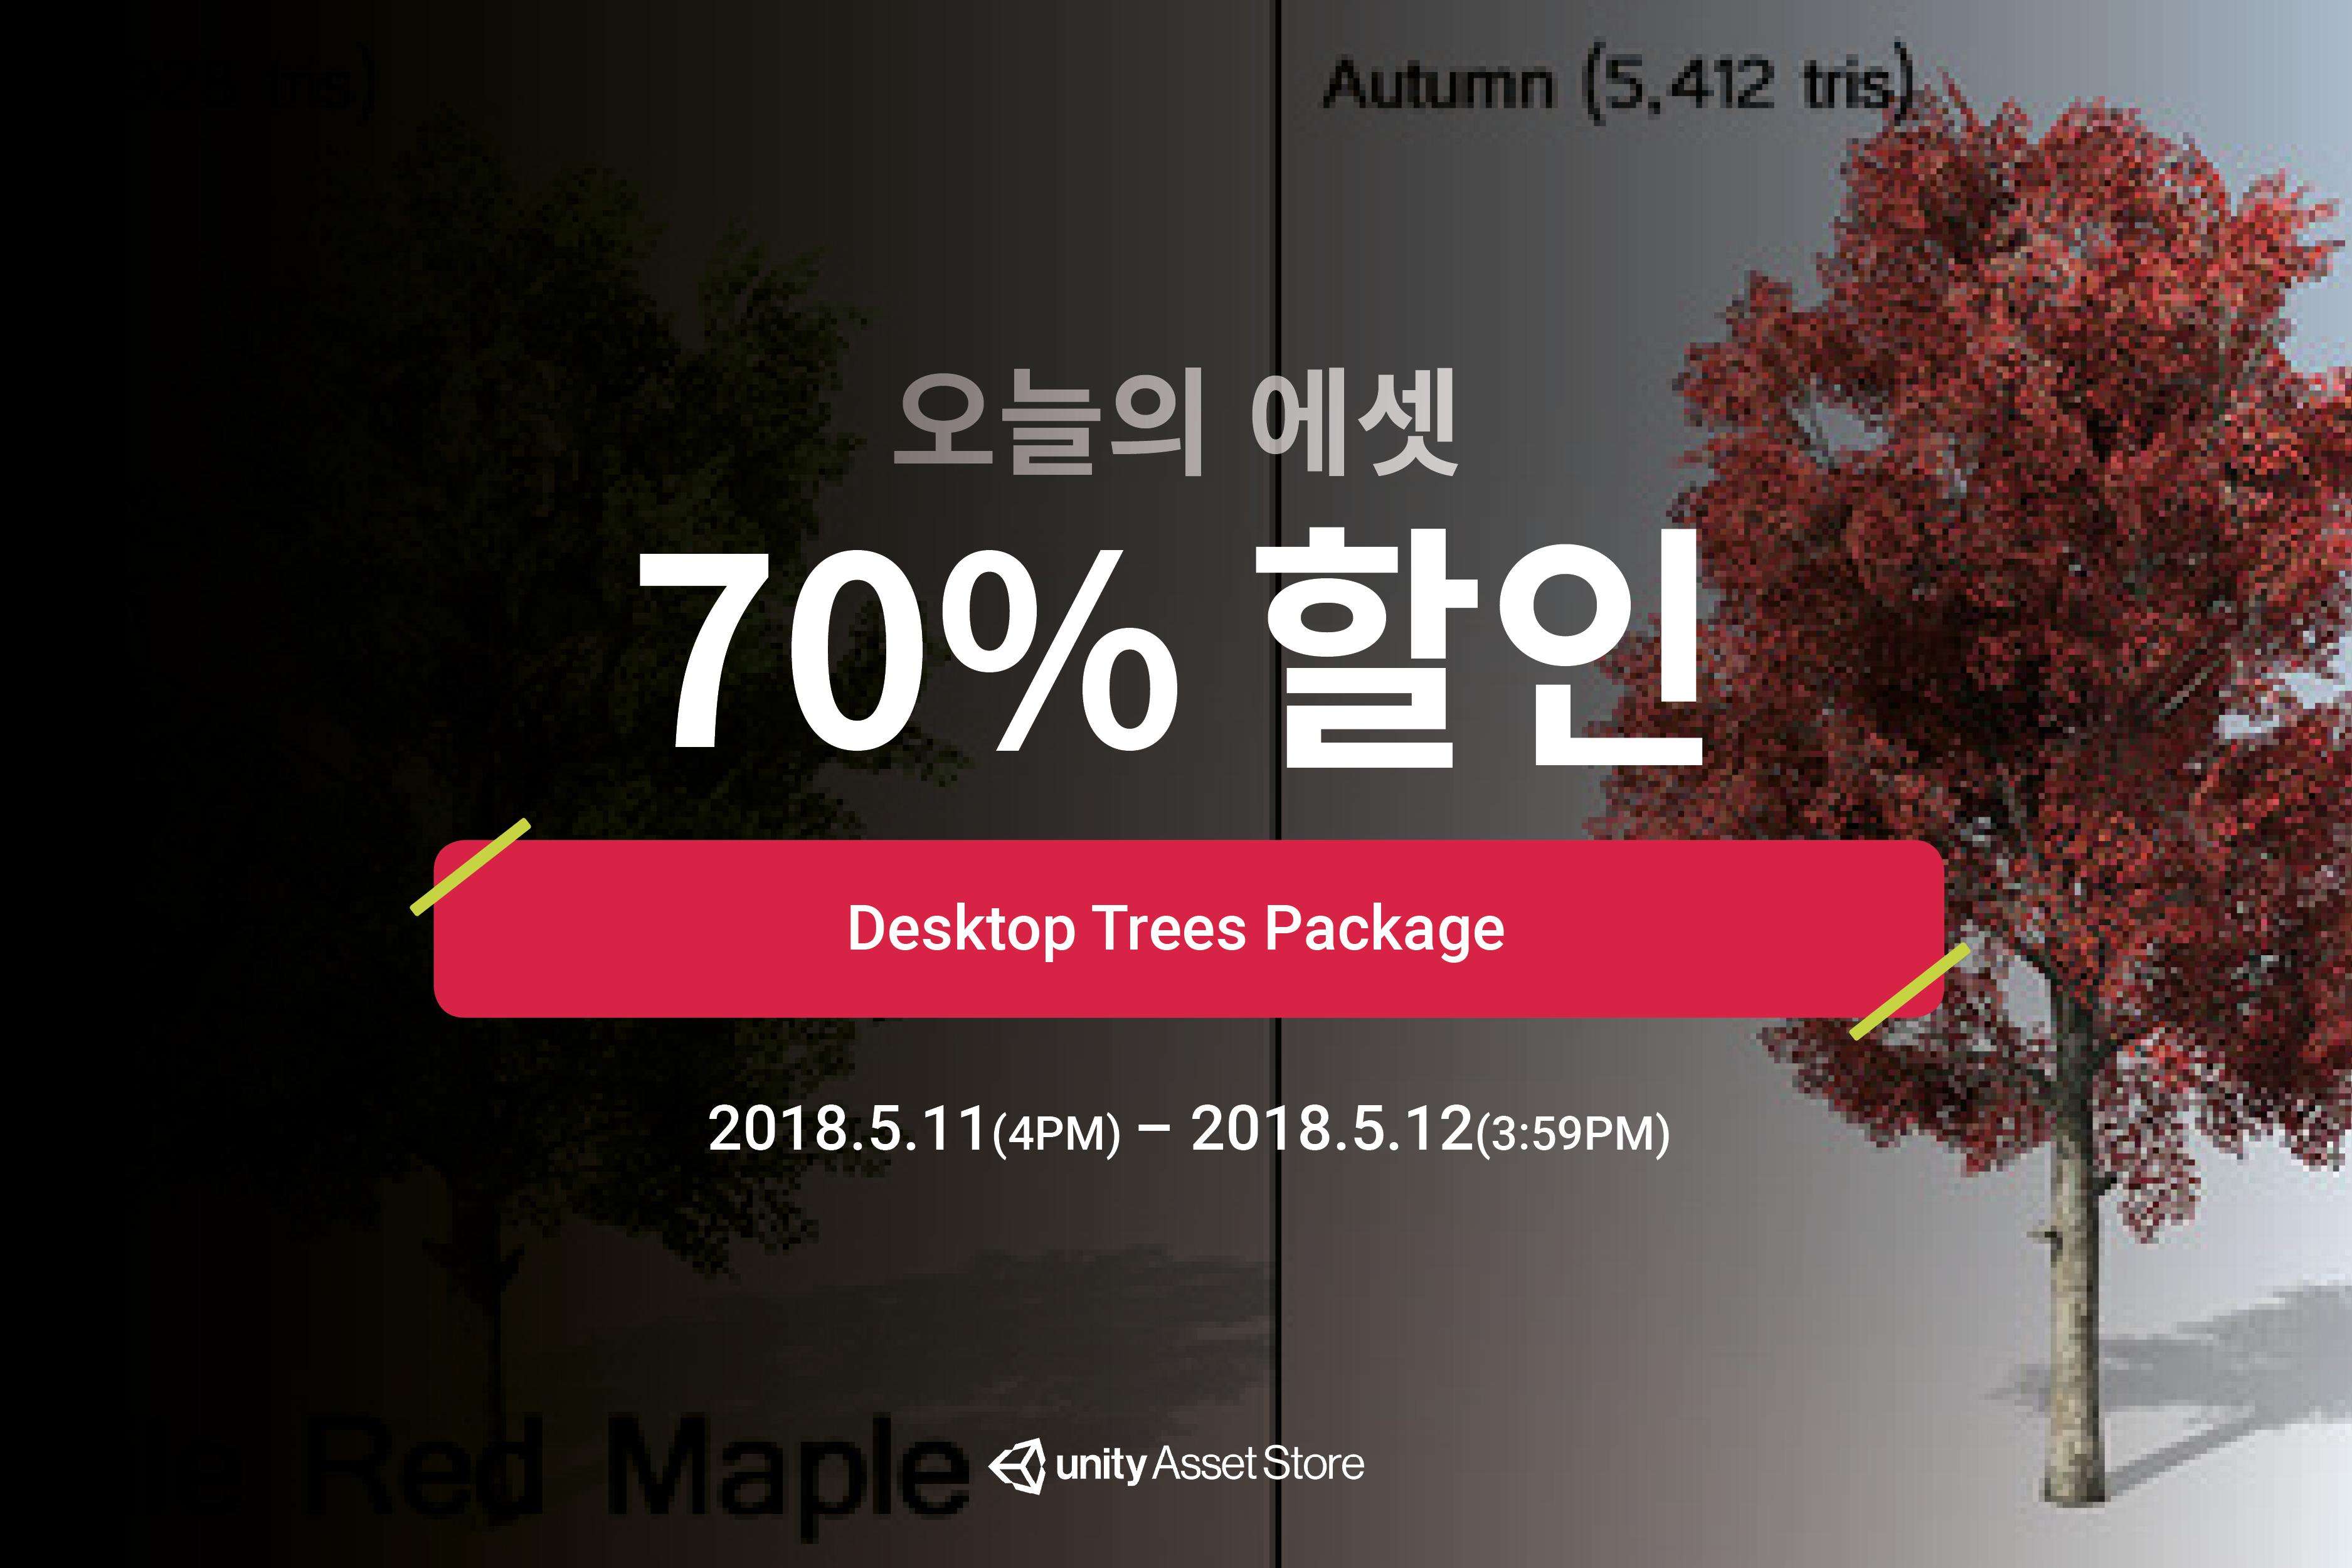 오늘의 에셋: Desktop Trees Package 우수후기